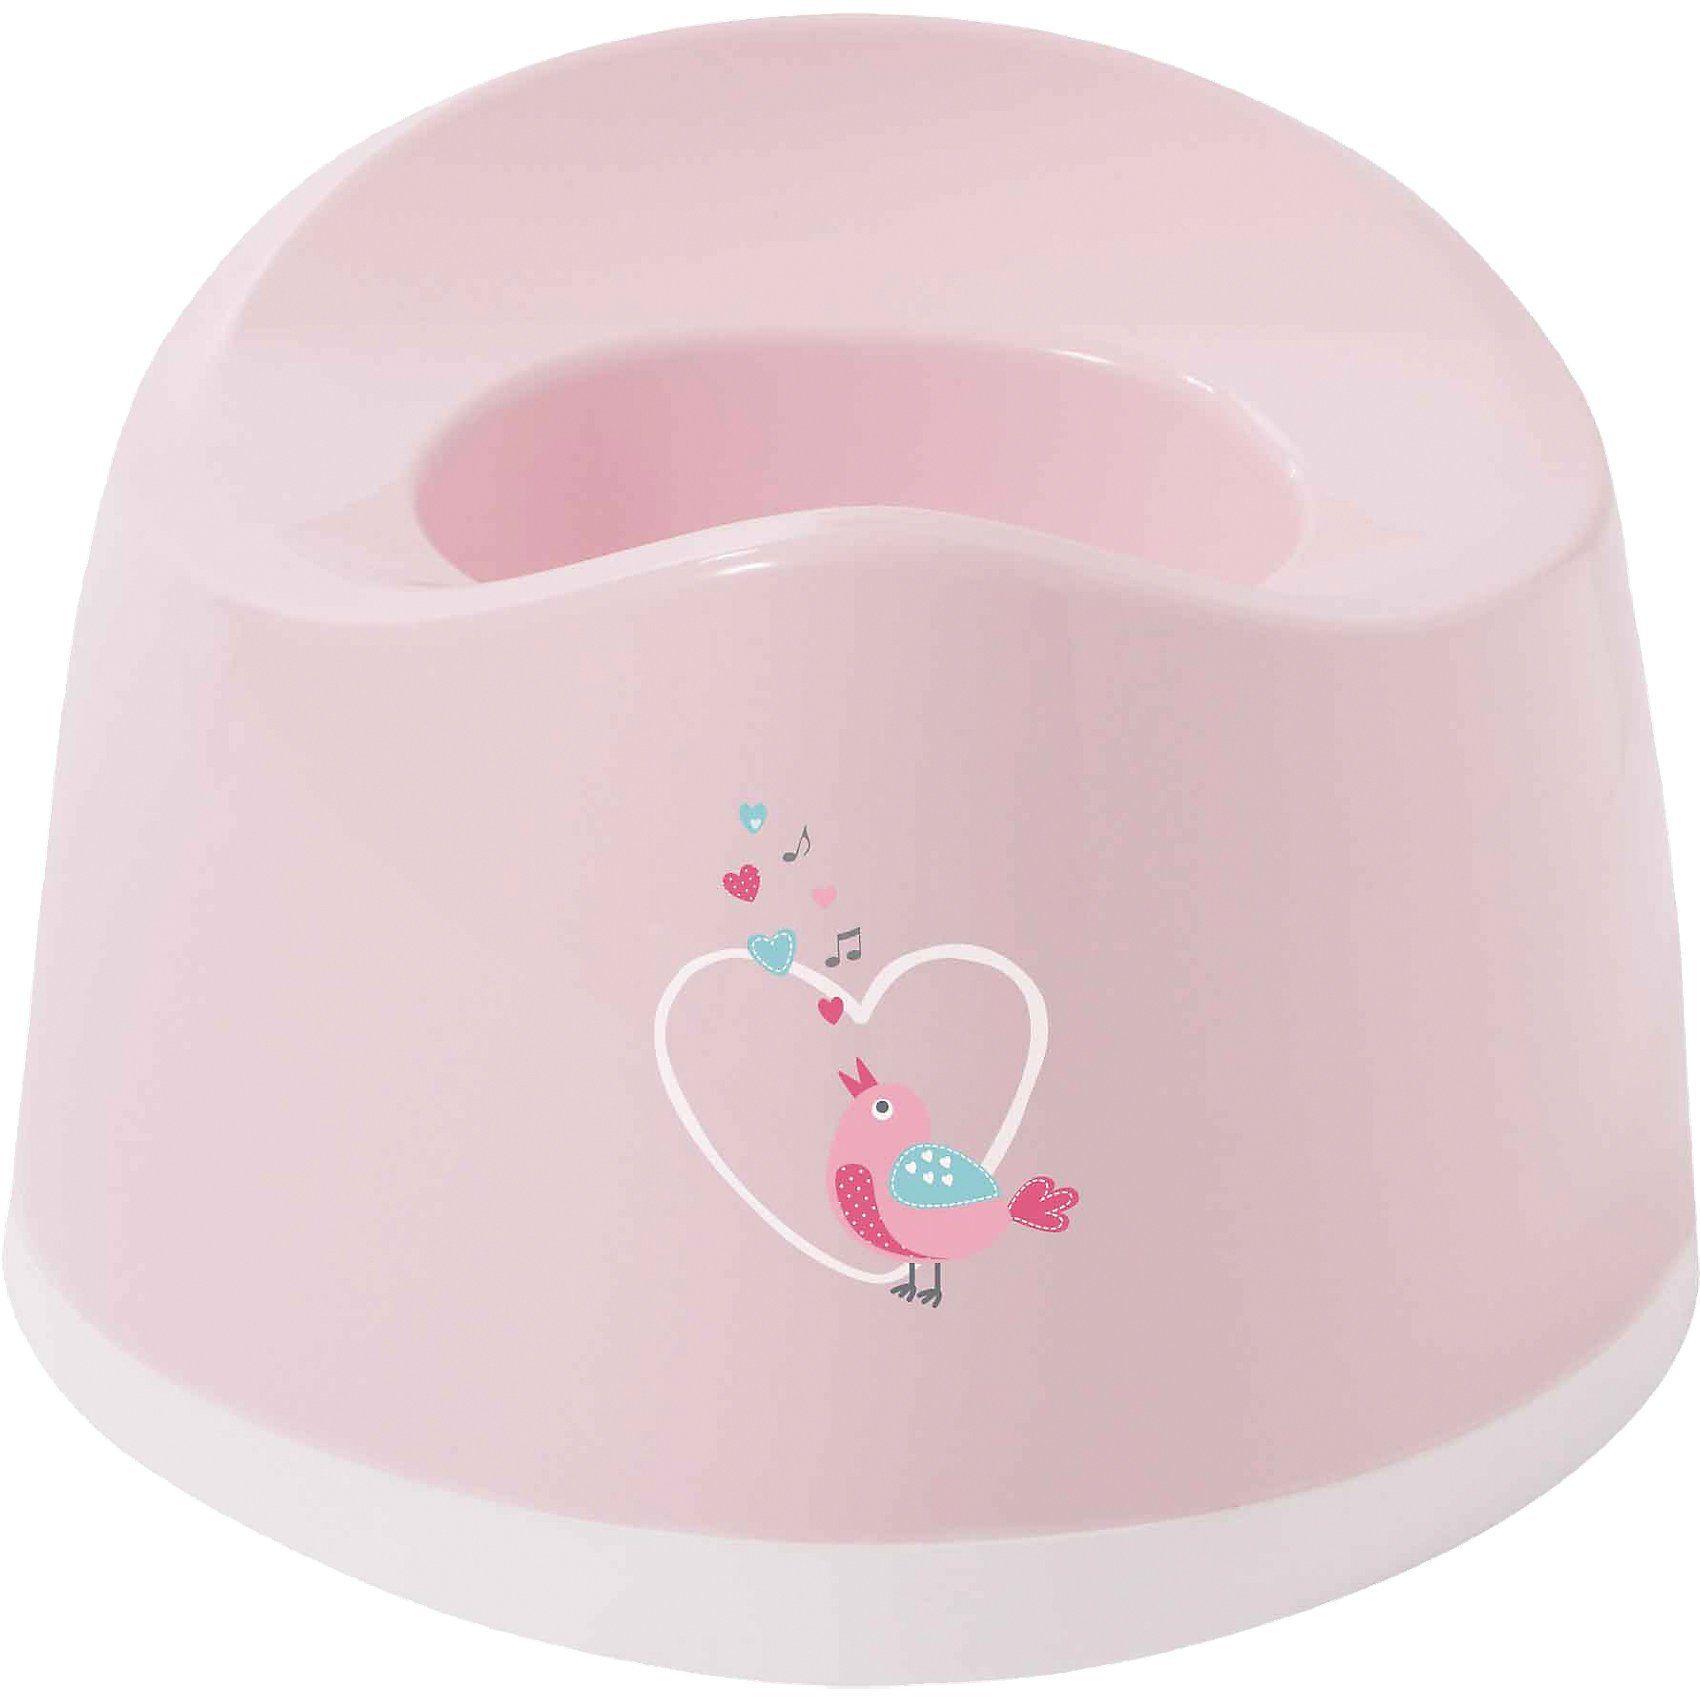 bébé-jou Töpfchen Sweet Birds, rosa